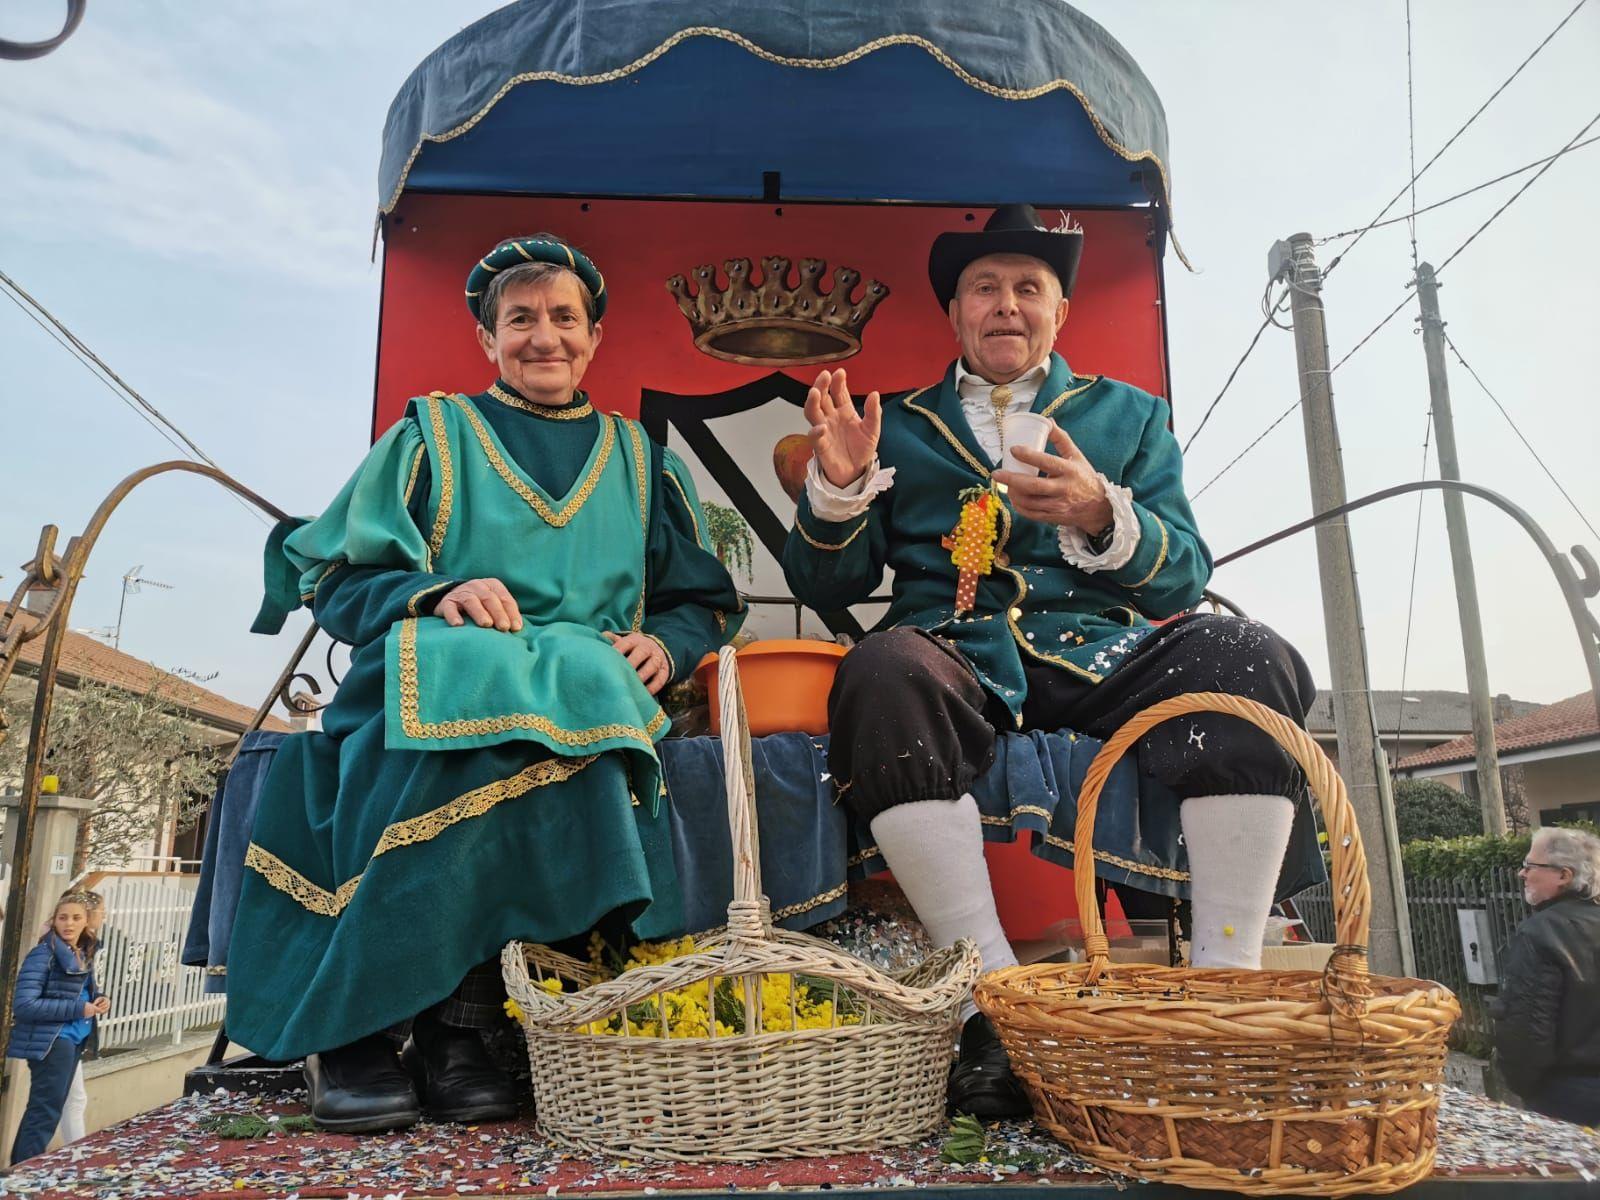 SALASSA - Grande successo di pubblico per il carnevale - FOTO